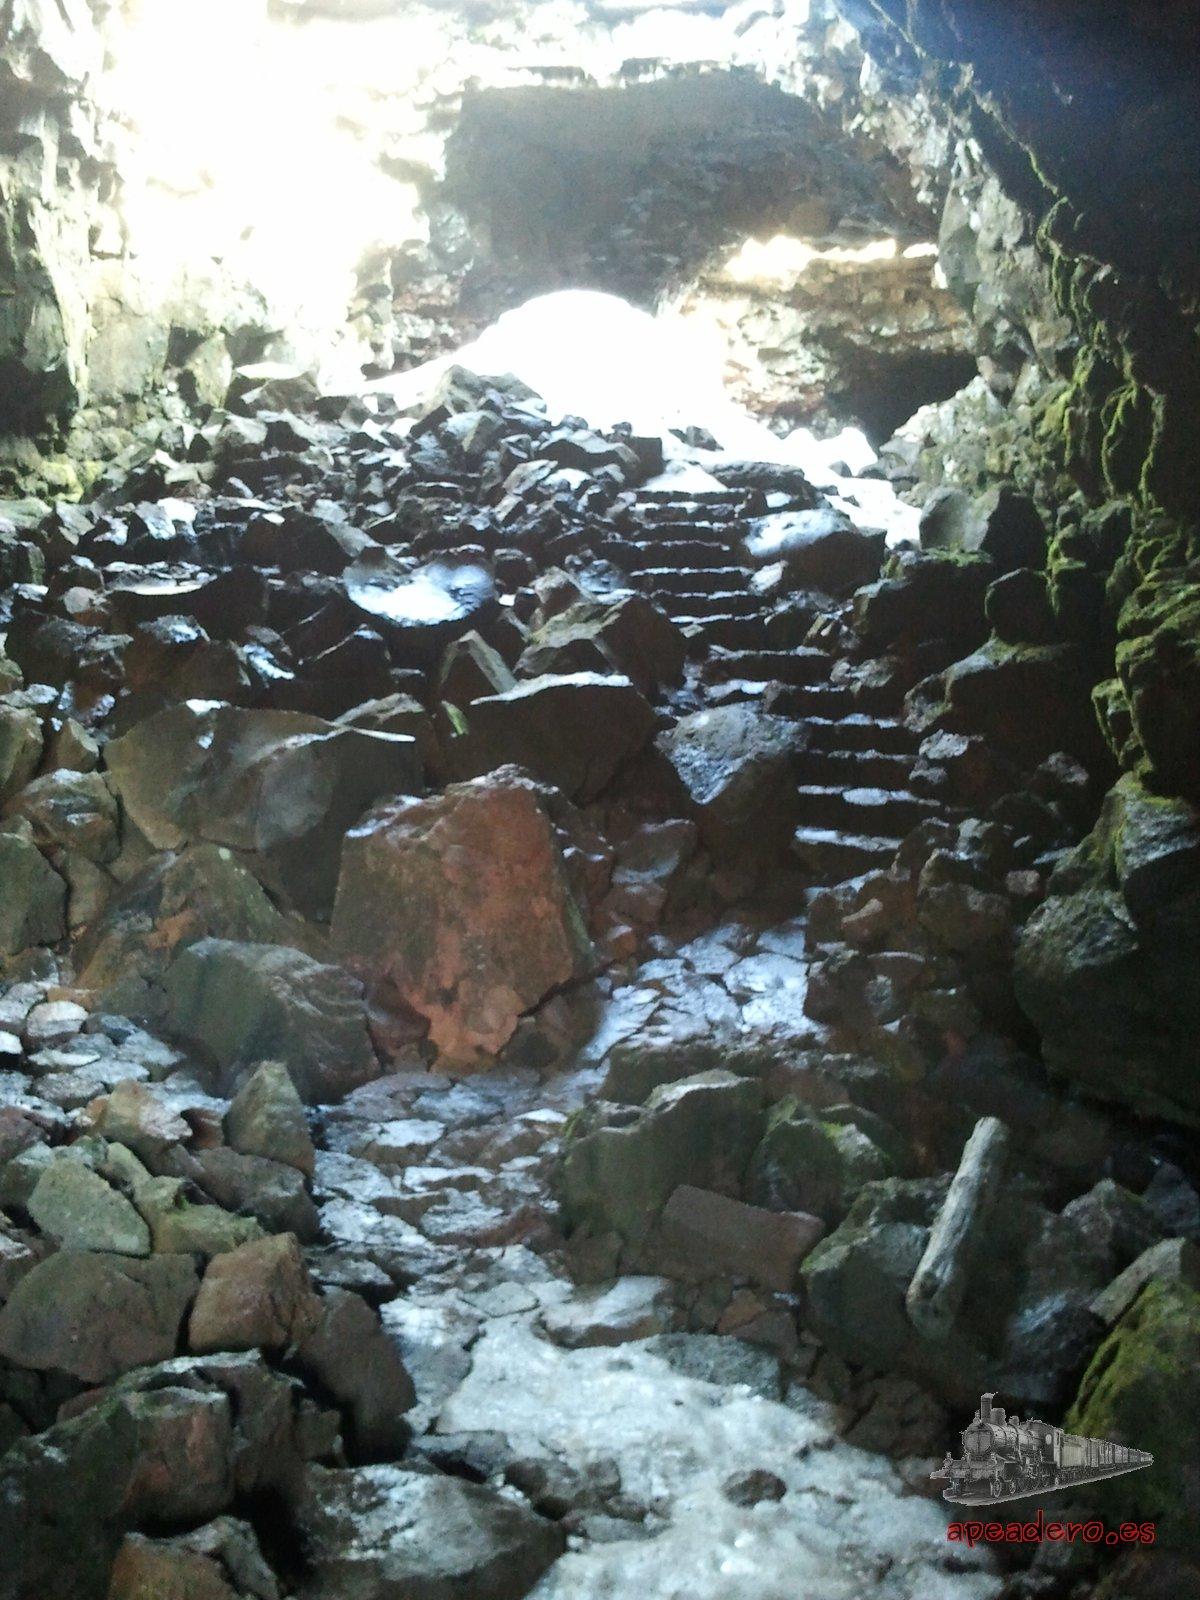 La entrada a la cueva, igual que muchos otros lugares de Islandia, tiene un aura mágica que la hace muy especial.